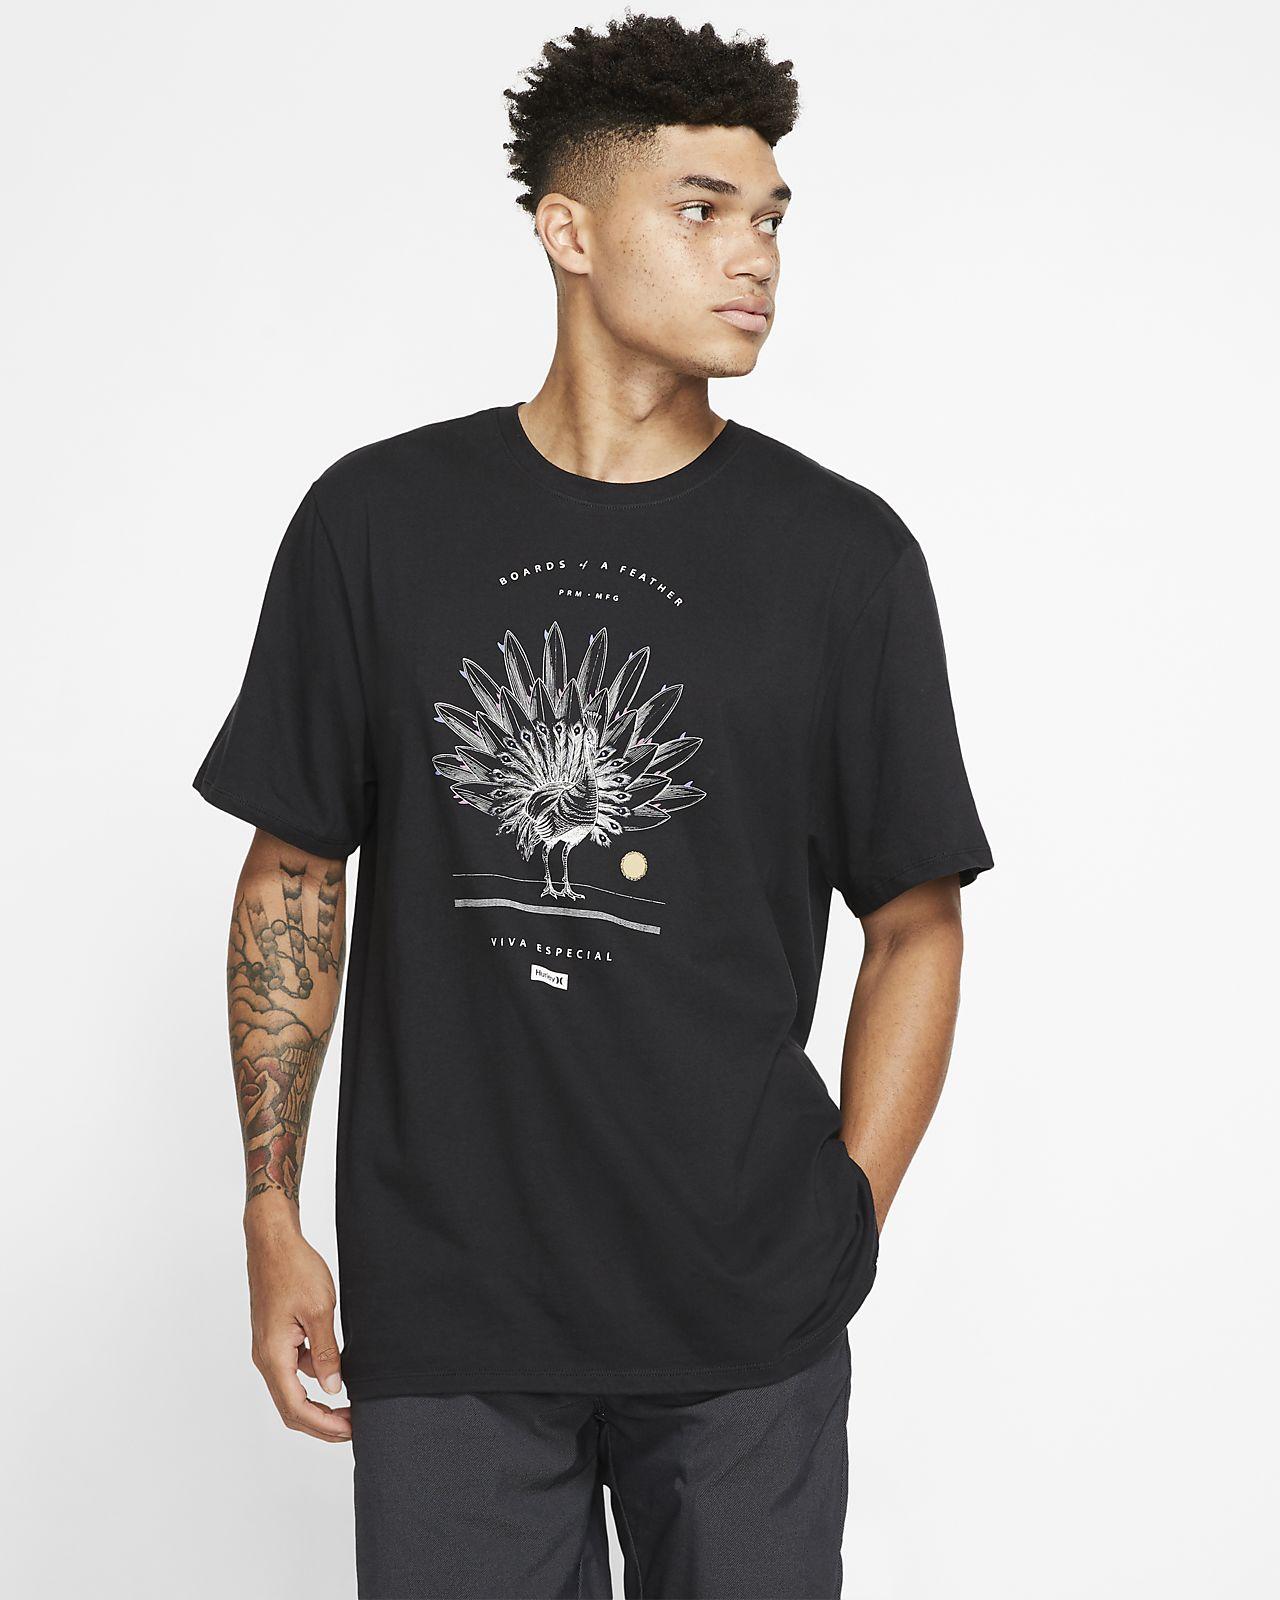 Ανδρικό T-Shirt Hurley Premium Boards of a Feather